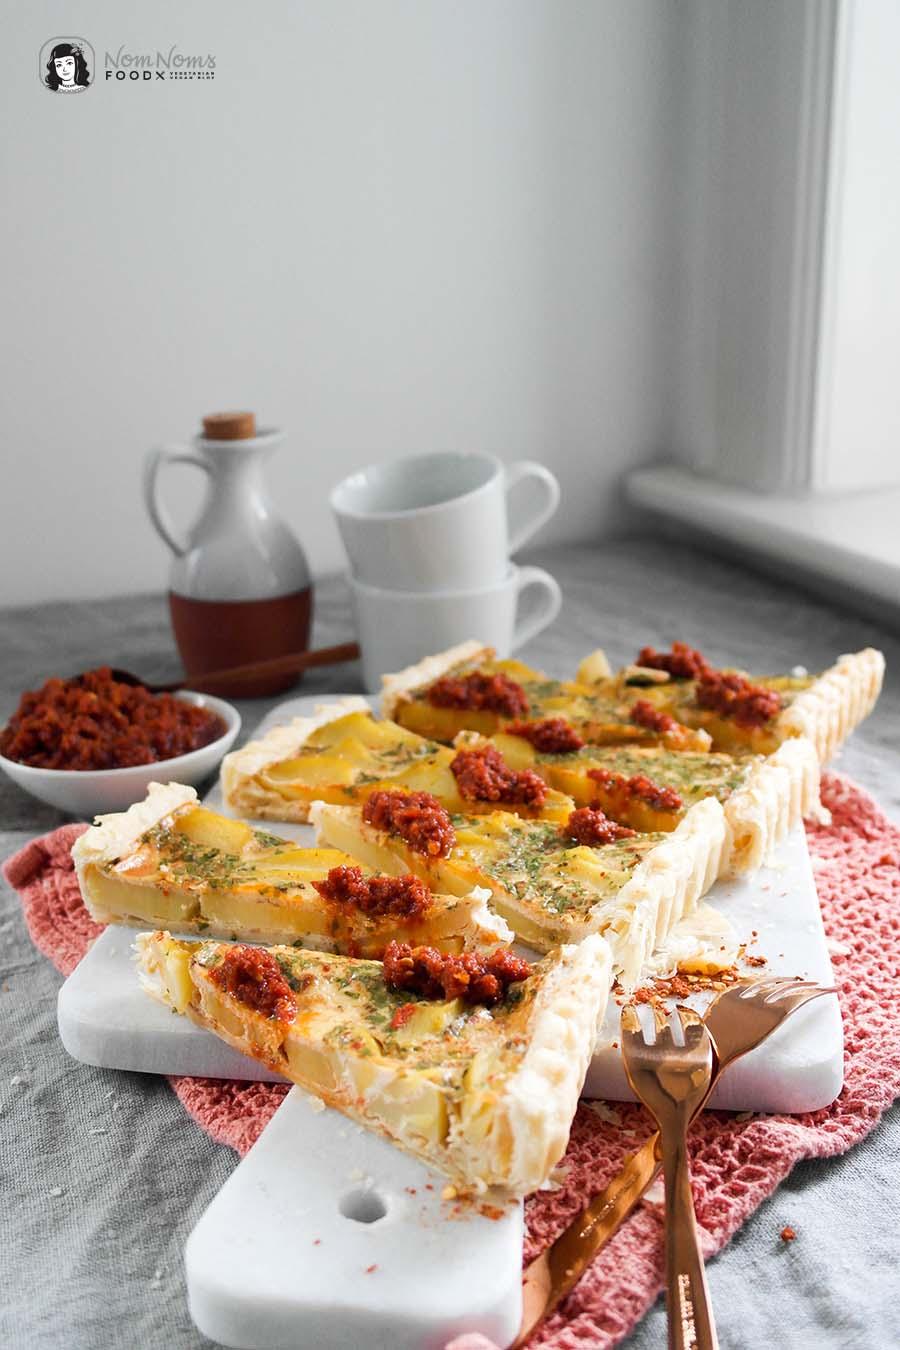 Kartoffel-Harissa-Tarte mit Harissa-Tomaten-Dip Regenbogen auf dem Tisch